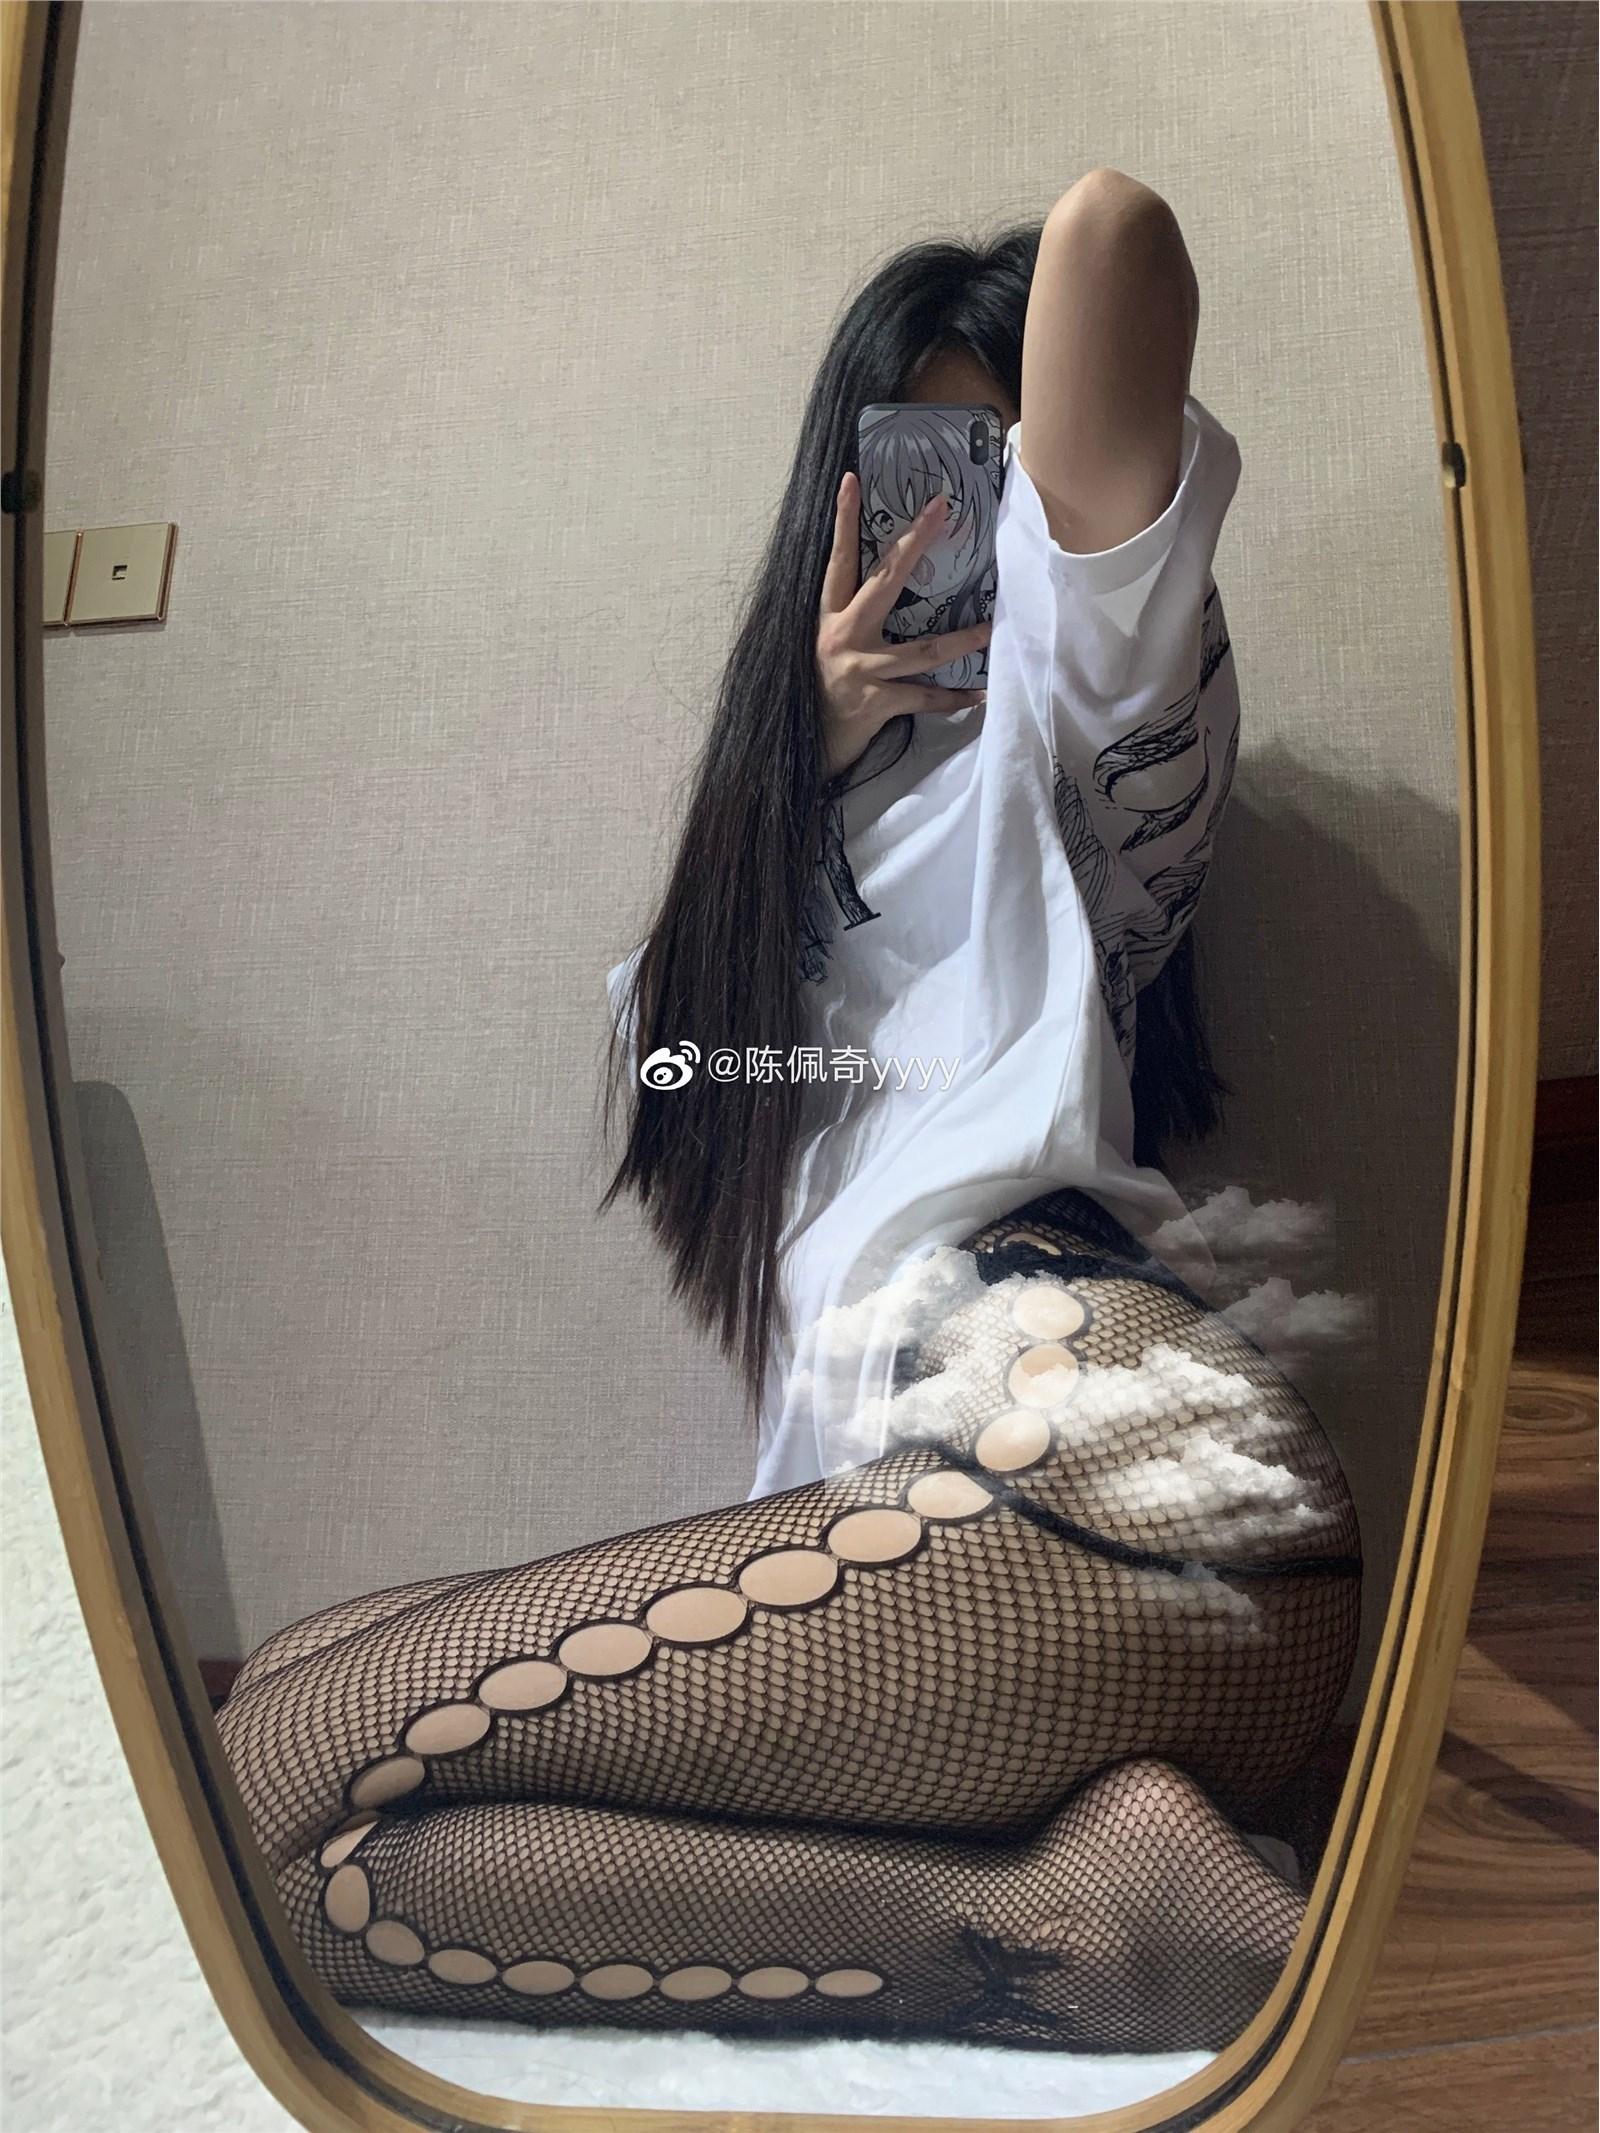 陈佩奇 1(16)